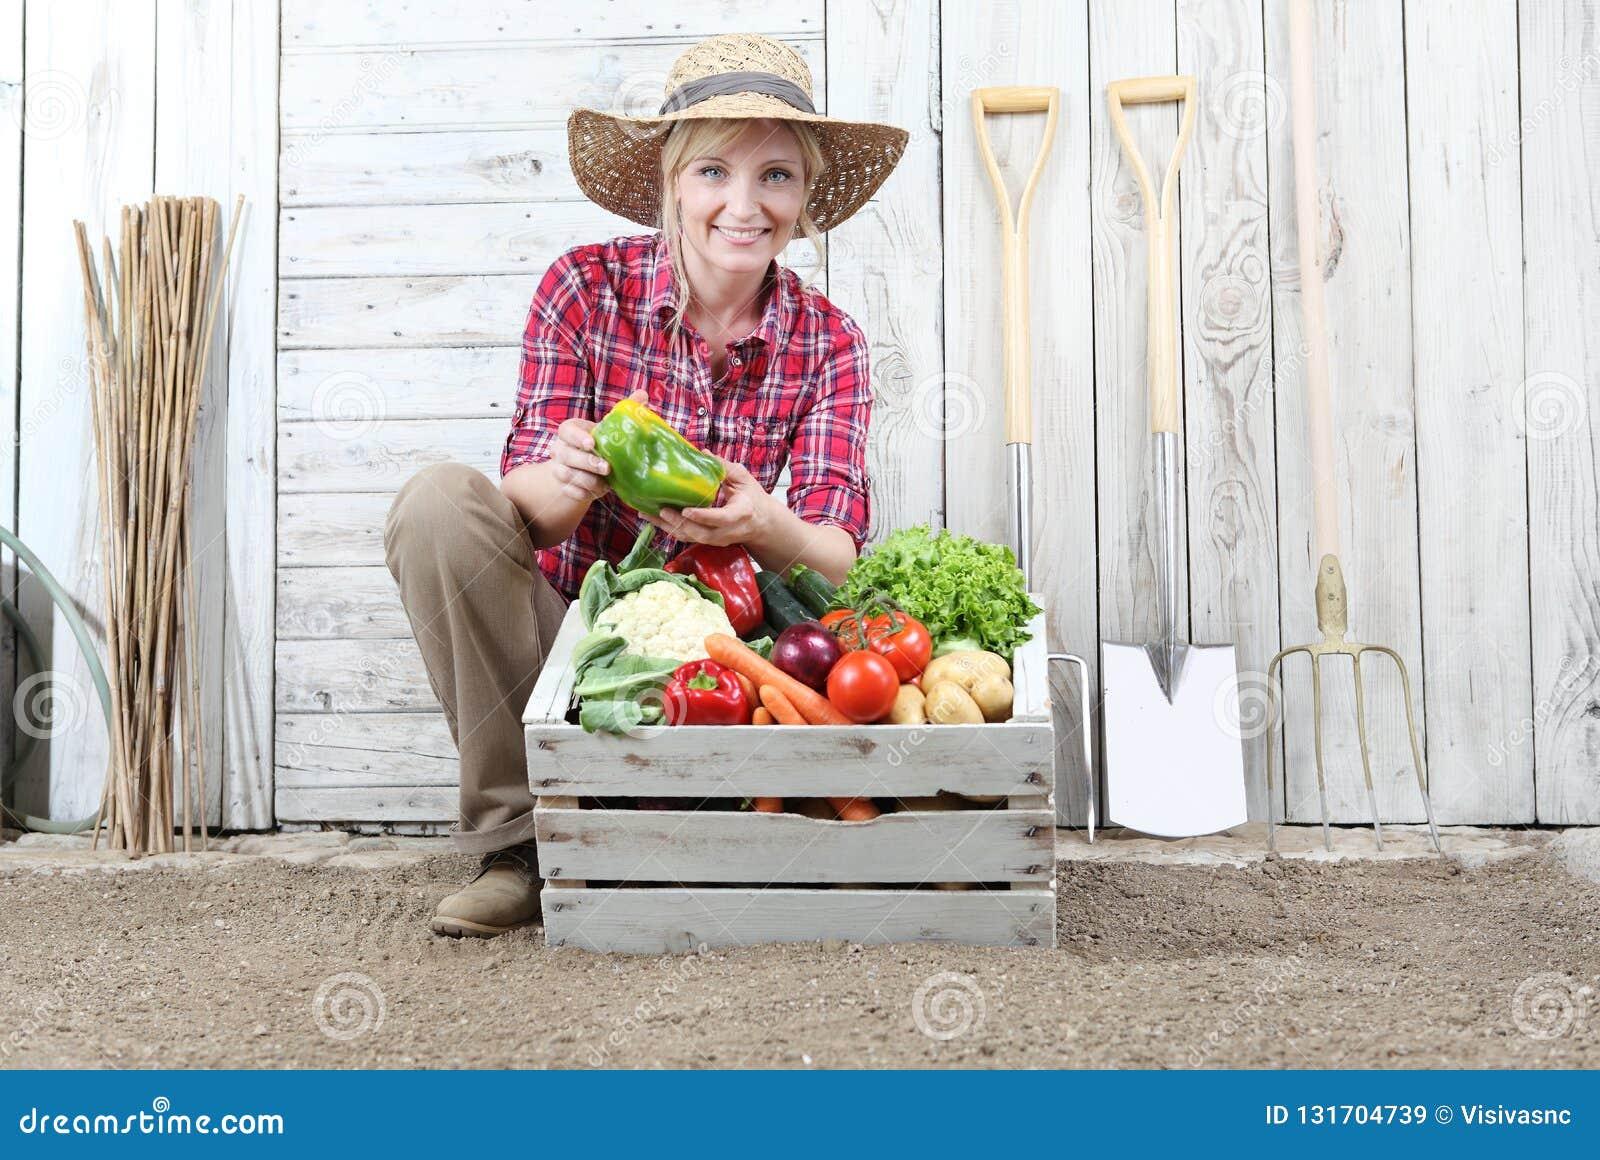 Χαμογελώντας γυναίκα στο φυτικό κήπο με το ξύλινο σύνολο κιβωτίων των λαχανικών στο άσπρο υπόβαθρο τοίχων με τα εργαλεία